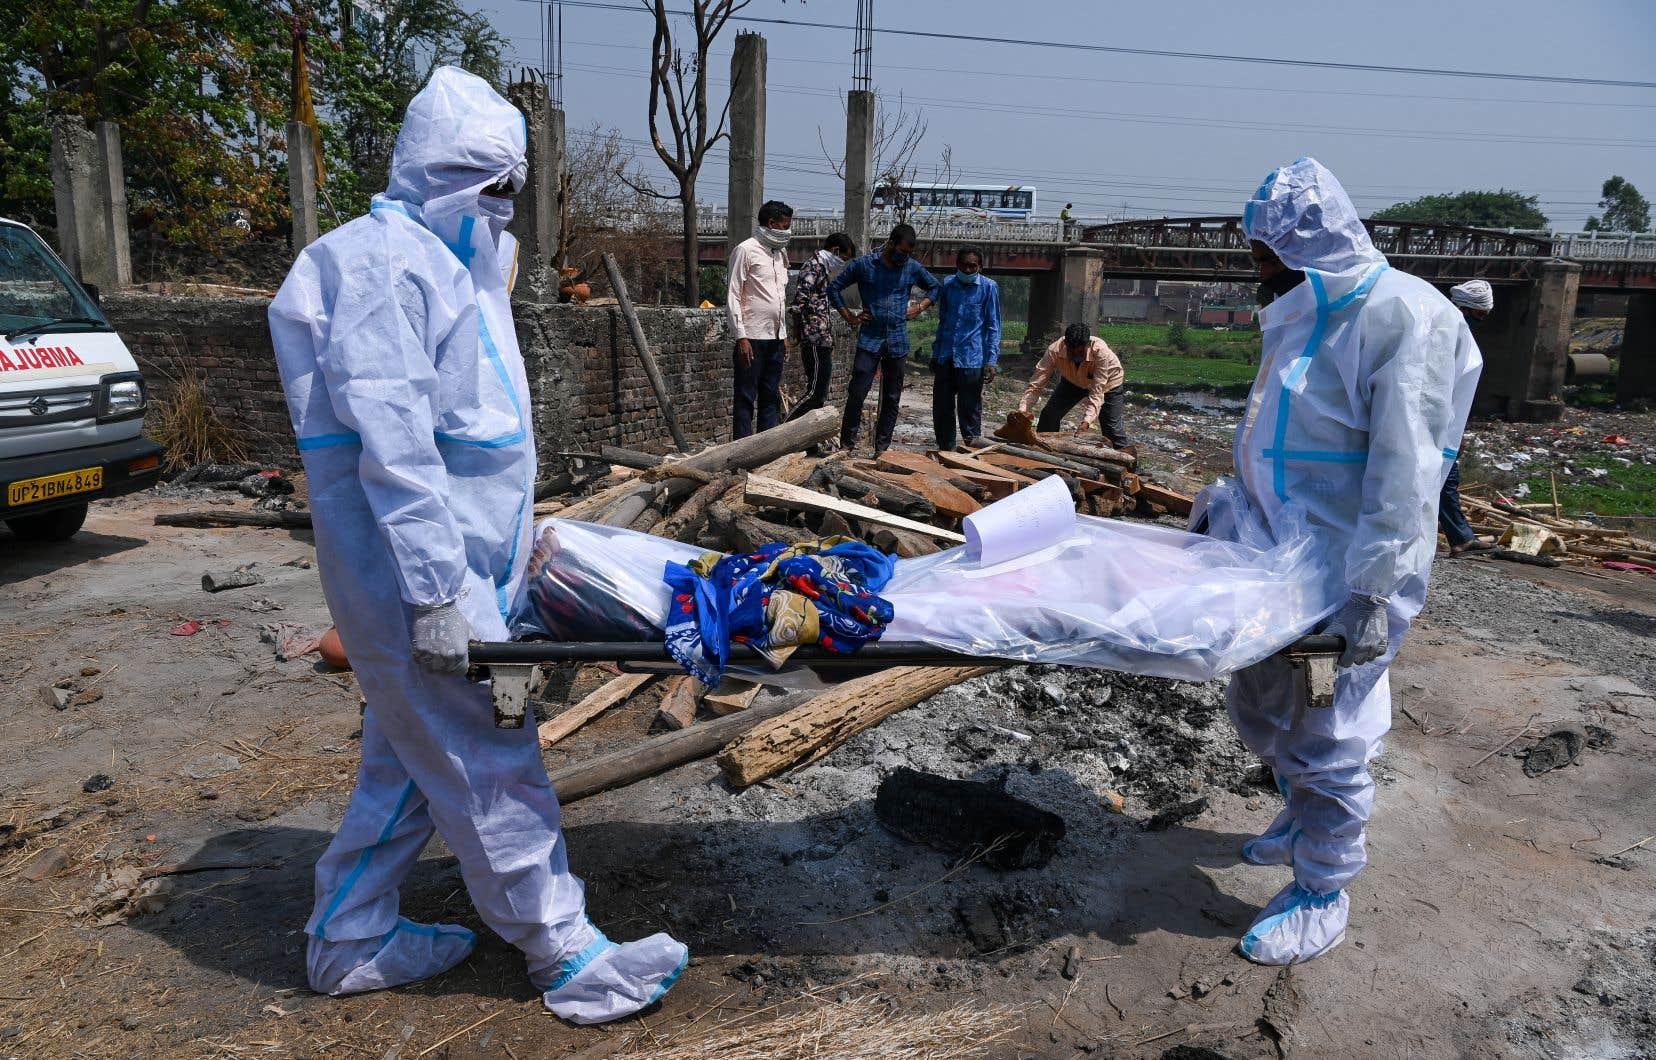 L'Inde, qui subit une deuxième vague dévastatrice, dénombre plus de 222000 décès dus à la COVID-19.